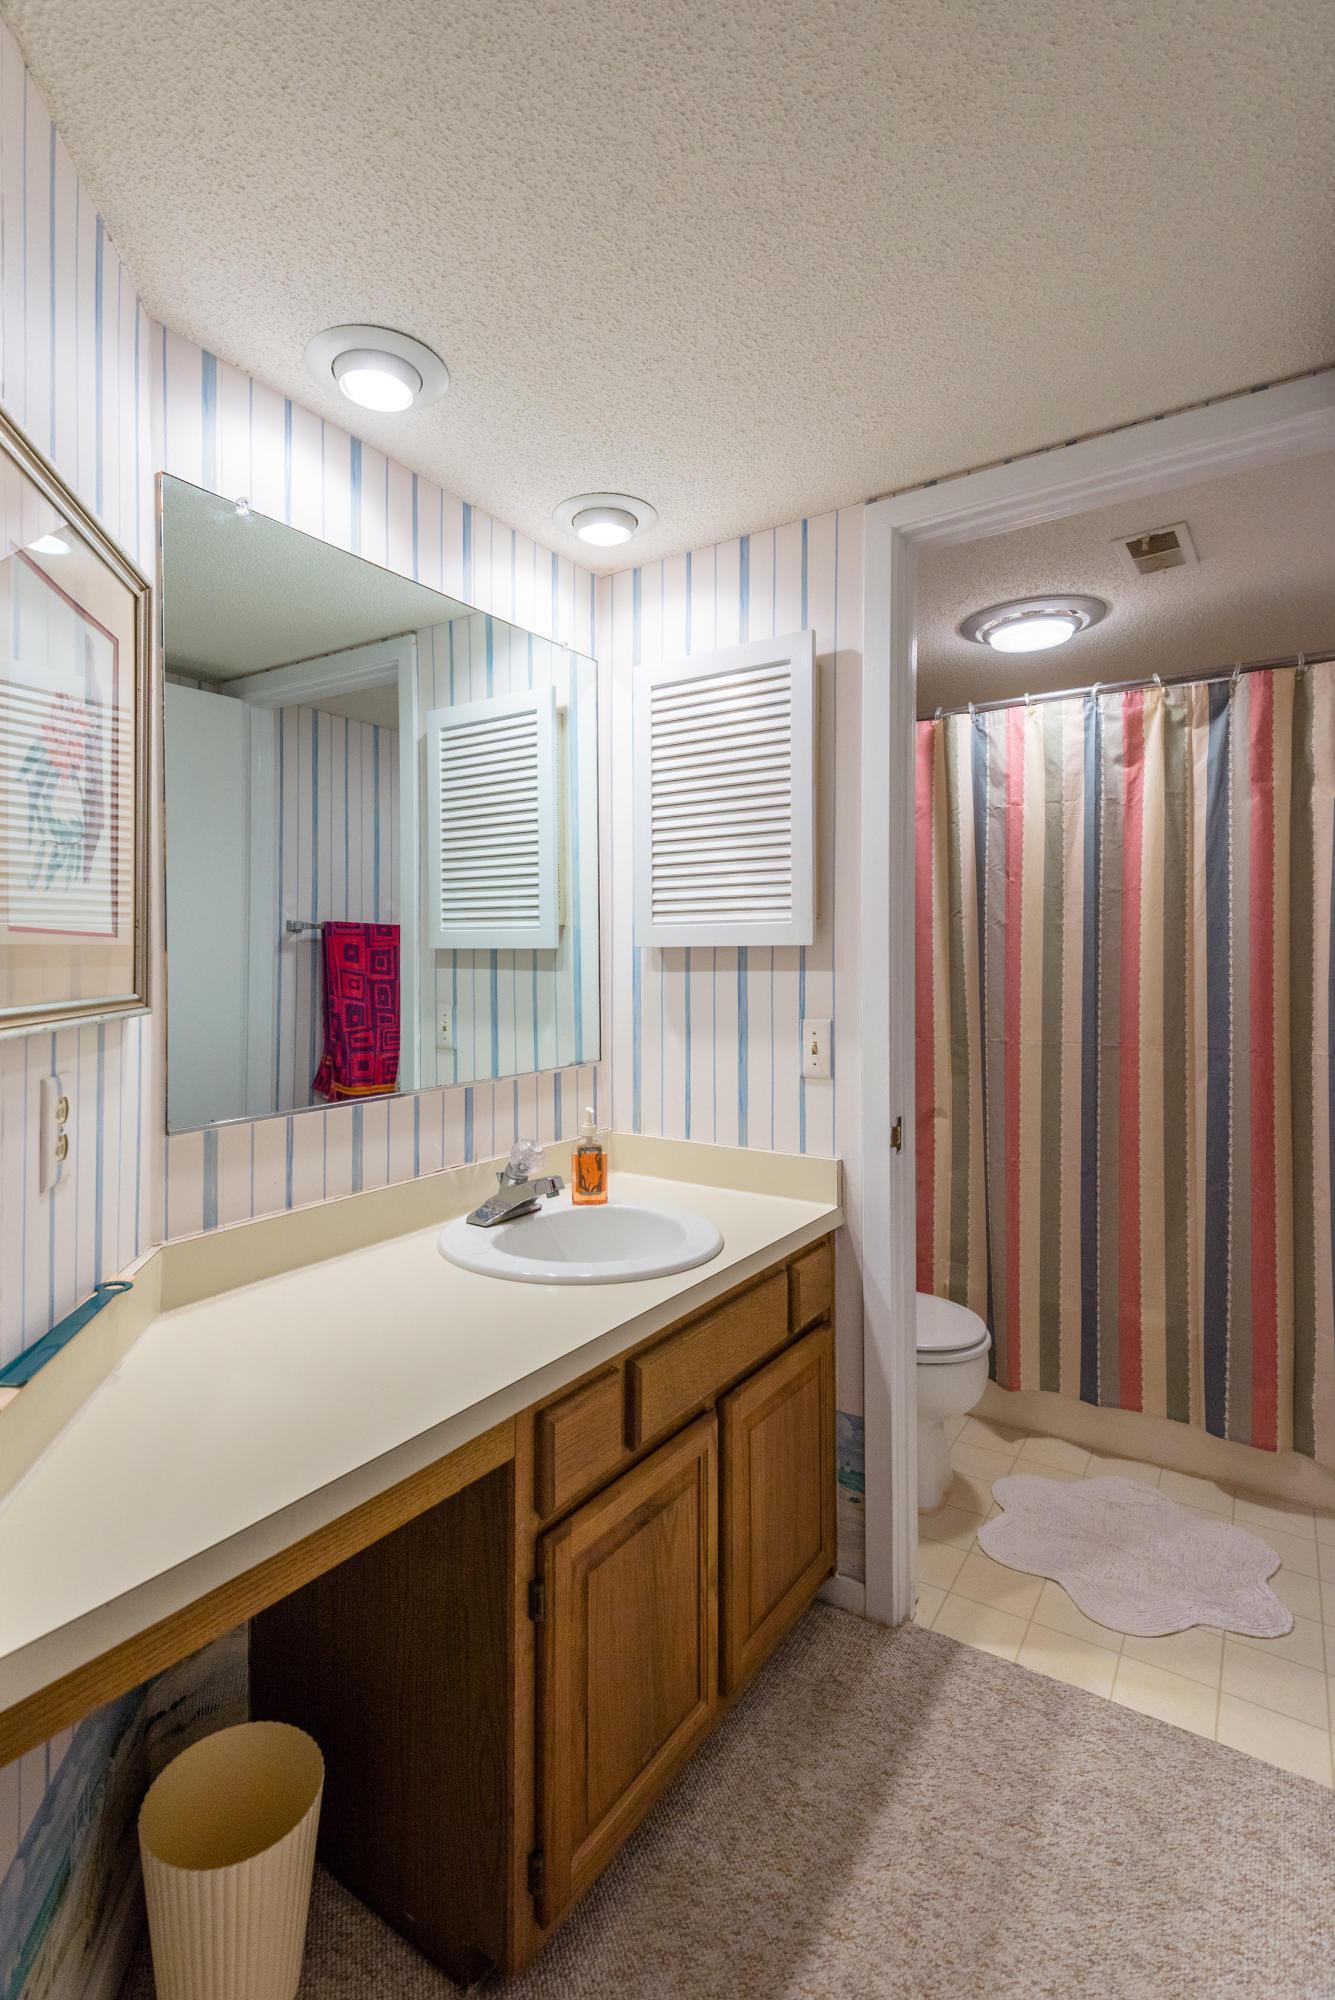 Seabrook Island Homes For Sale - 1701 Live Oak, Seabrook Island, SC - 15